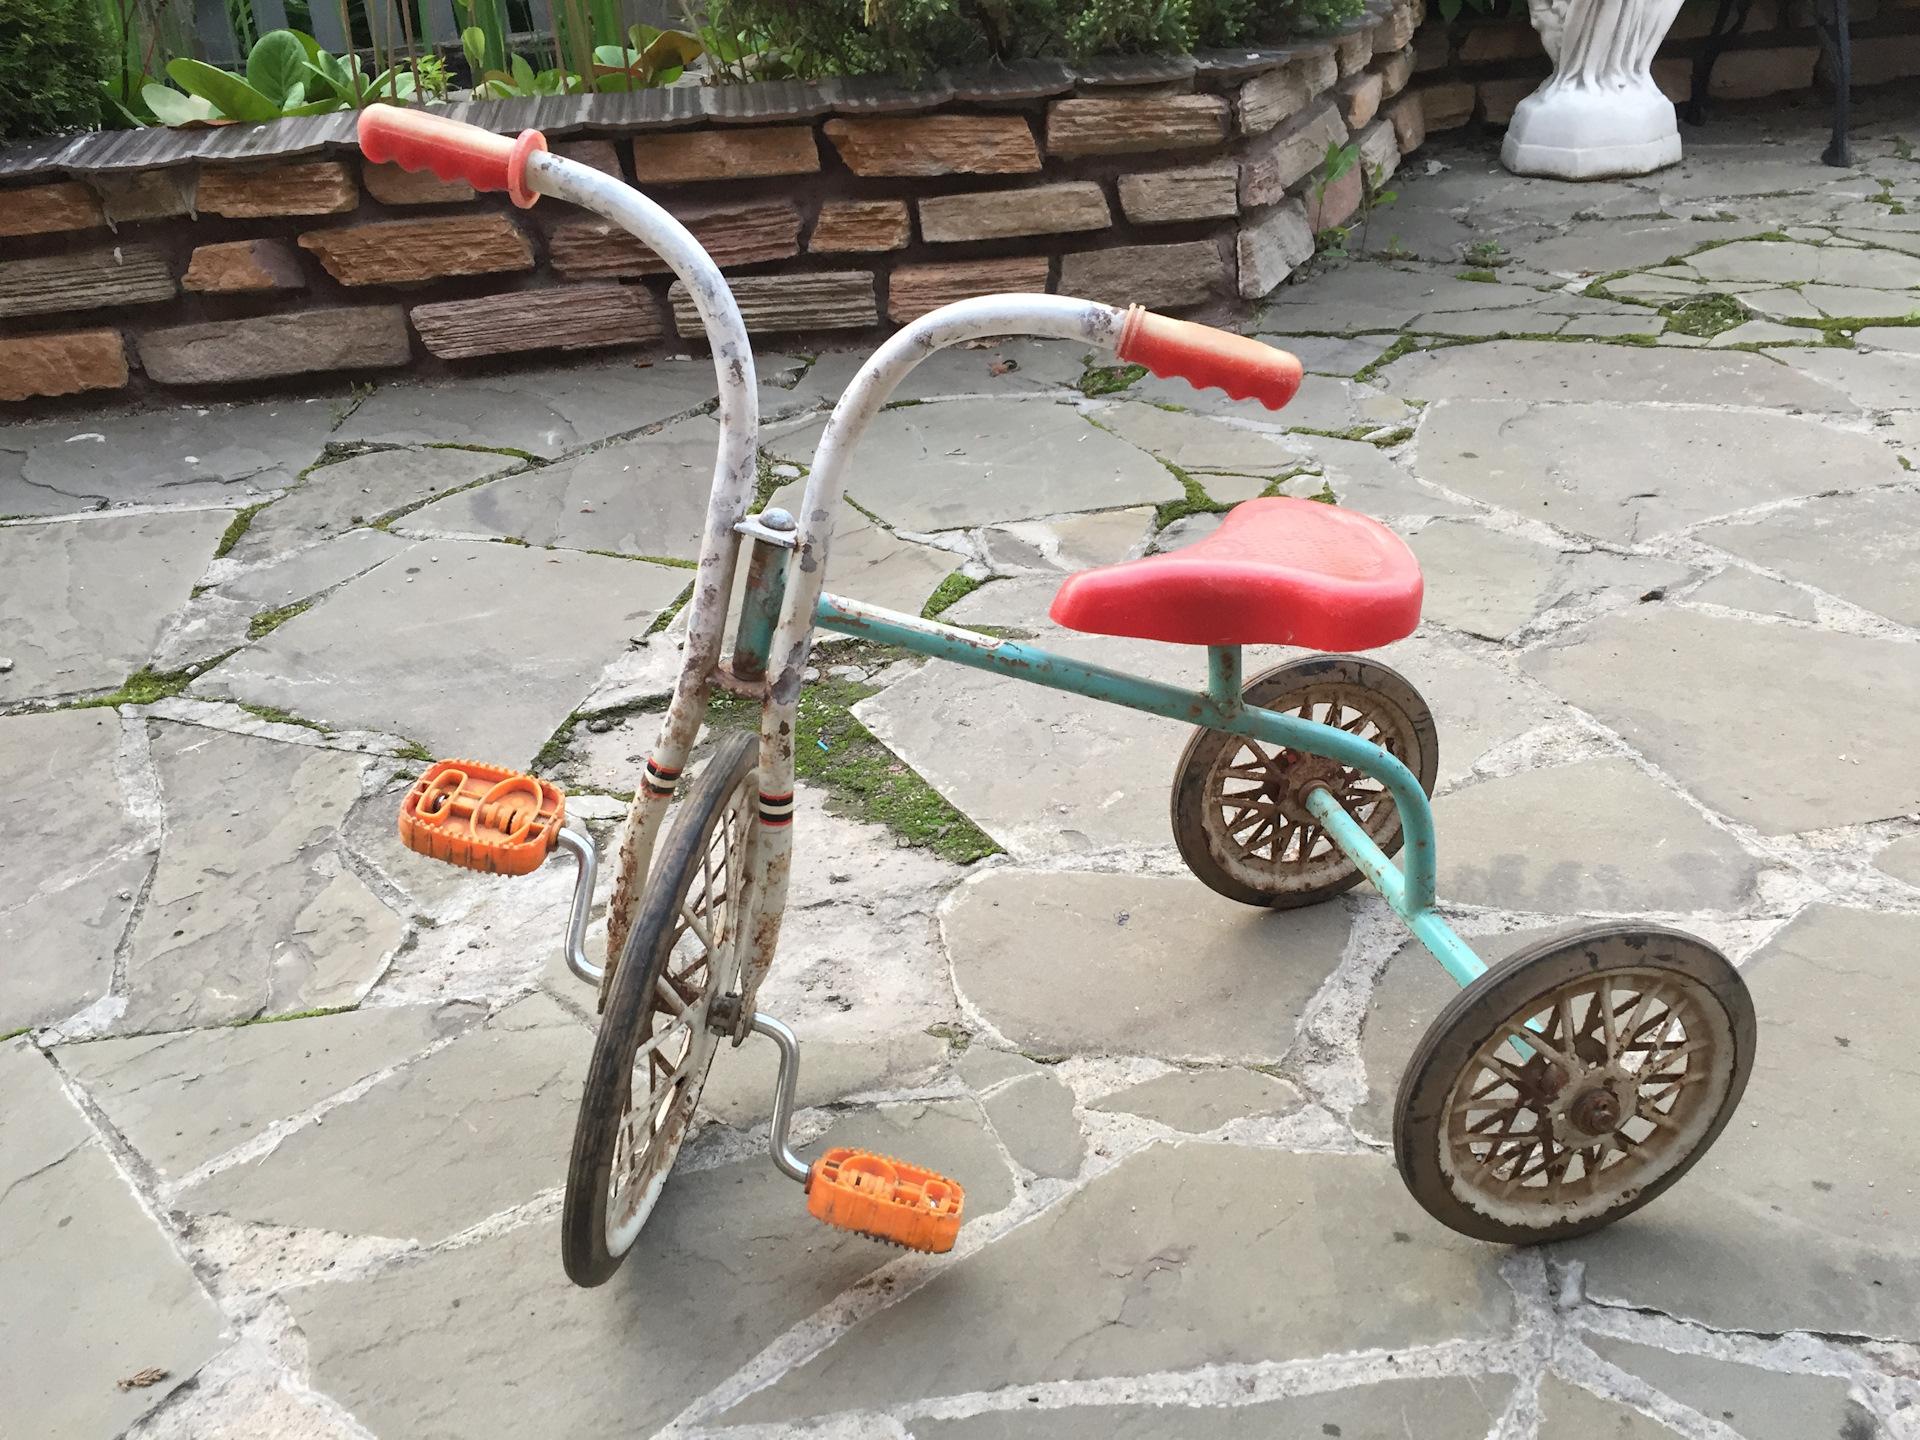 советские трехколесные велосипеды фото беллуччи одна немногочисленных